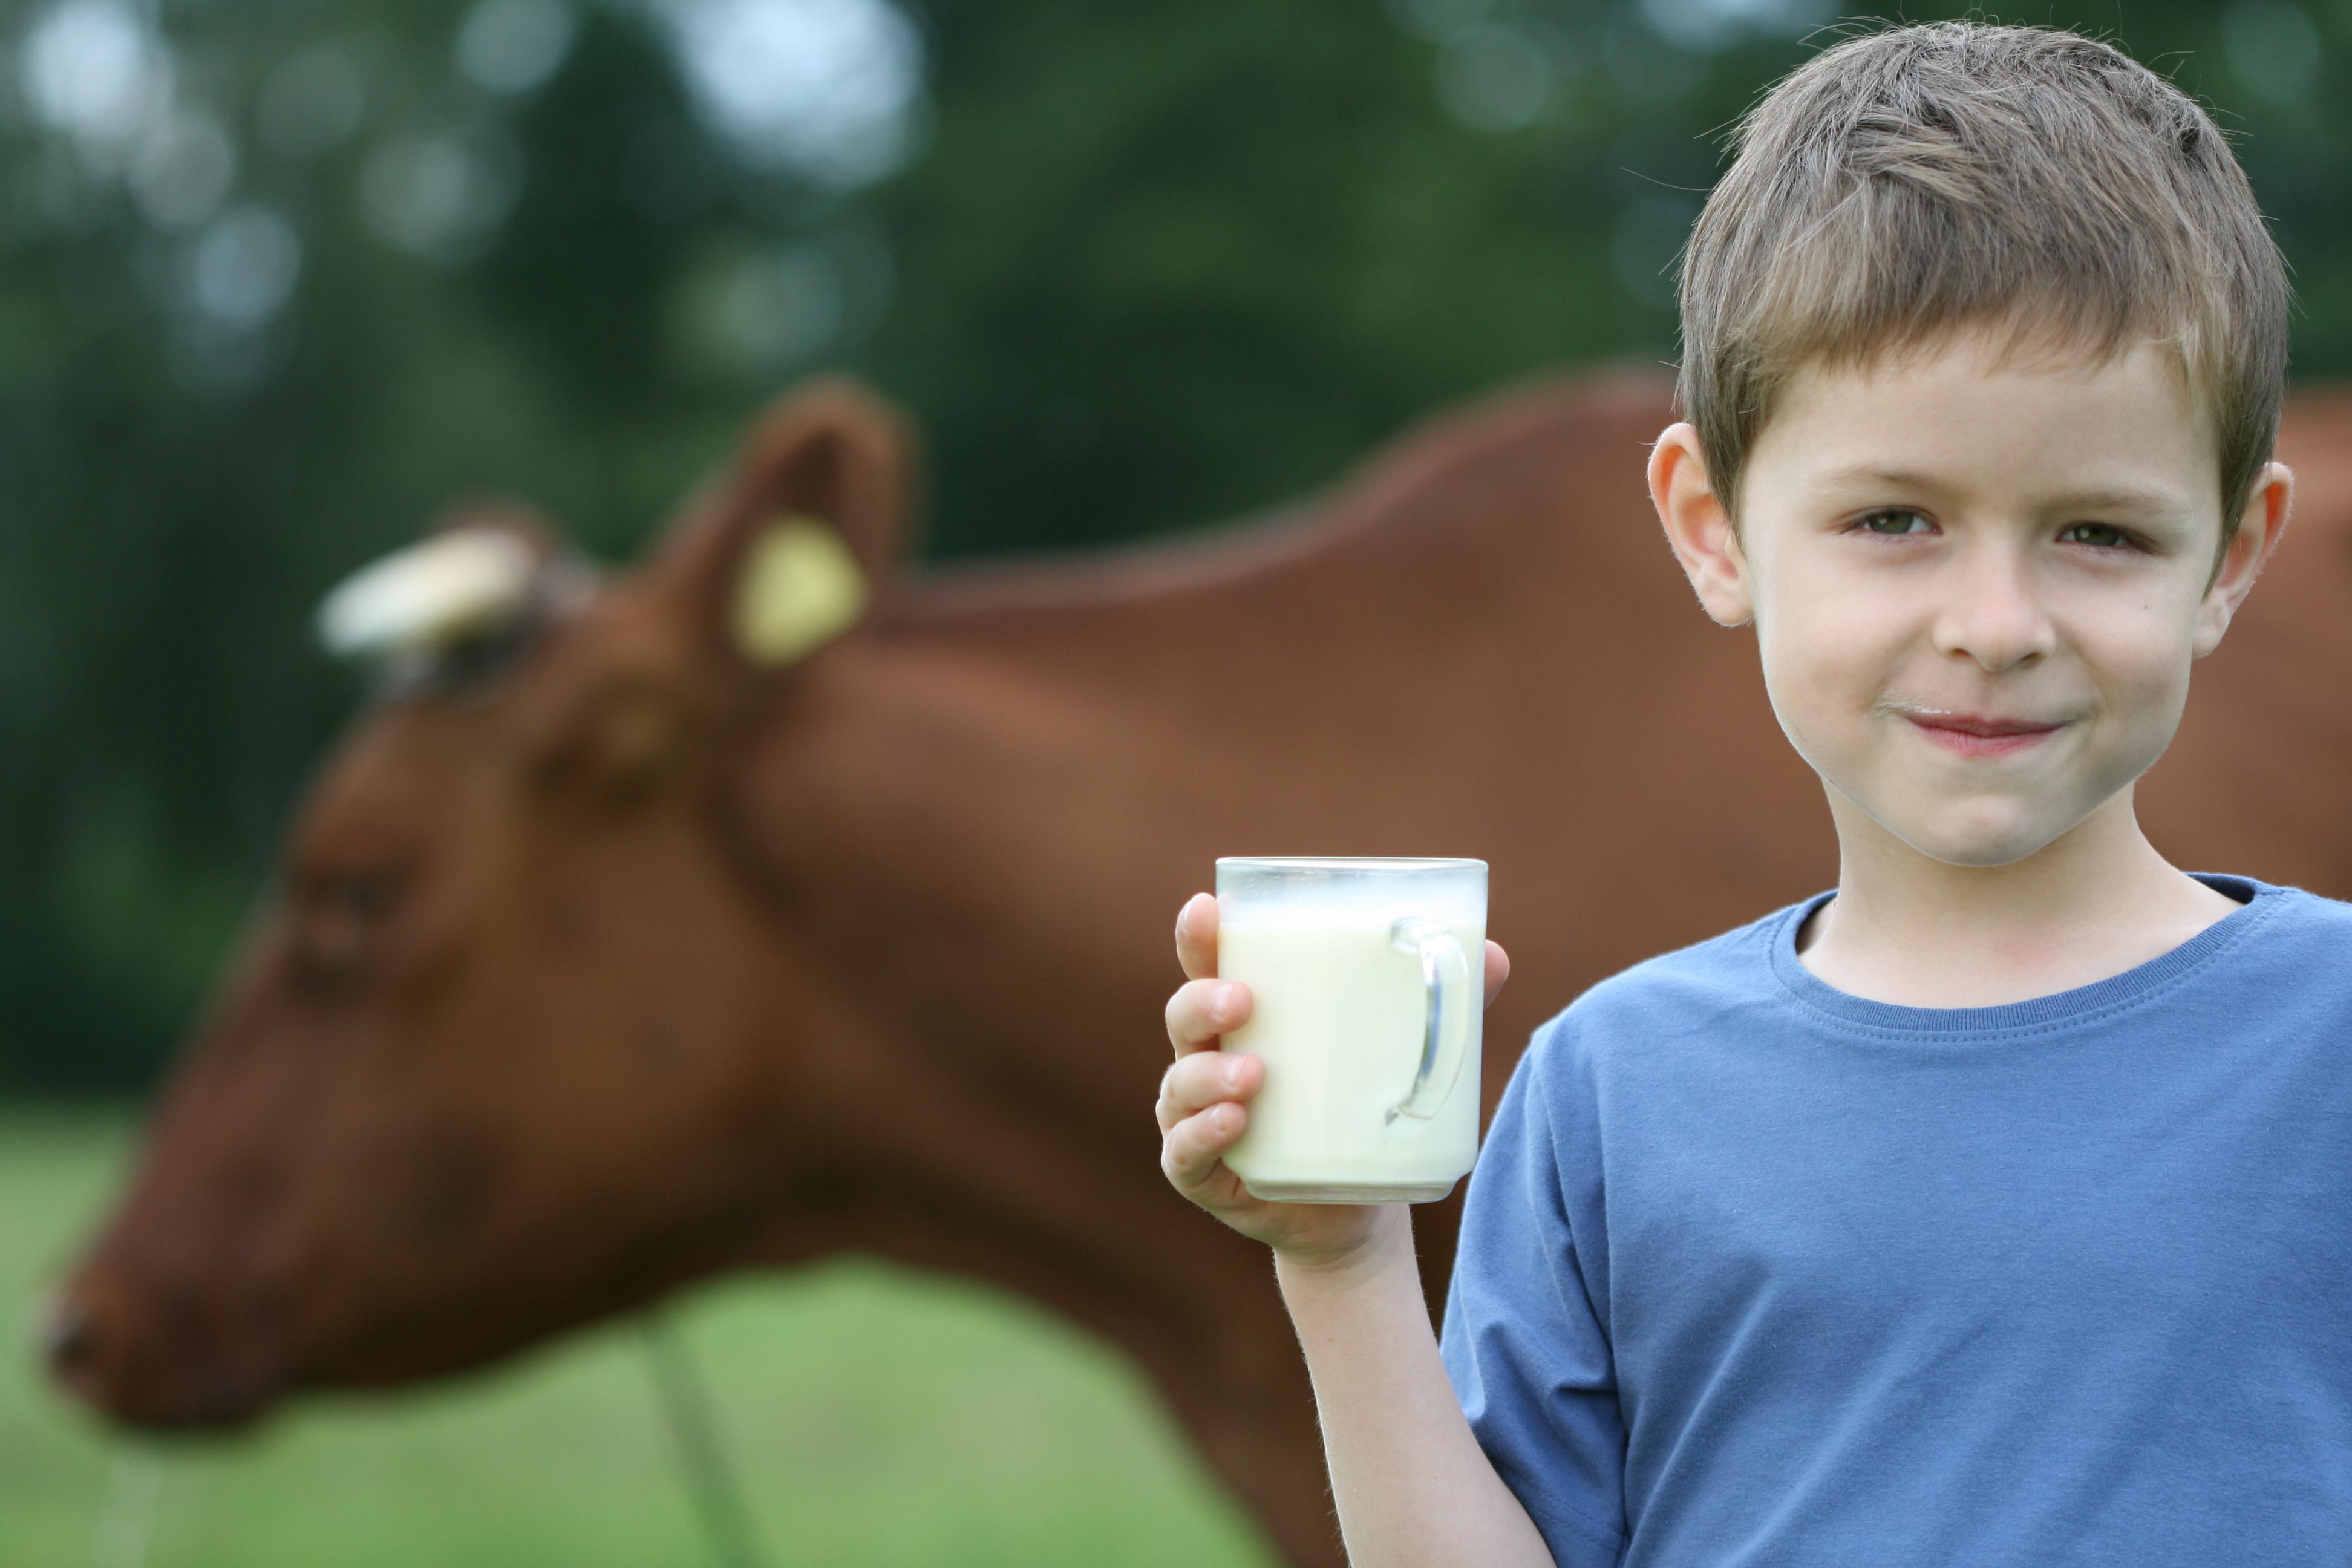 I studien vägde barn som dagligen drack standardmjölk i genomsnitt strax över fyra kilo mindre.